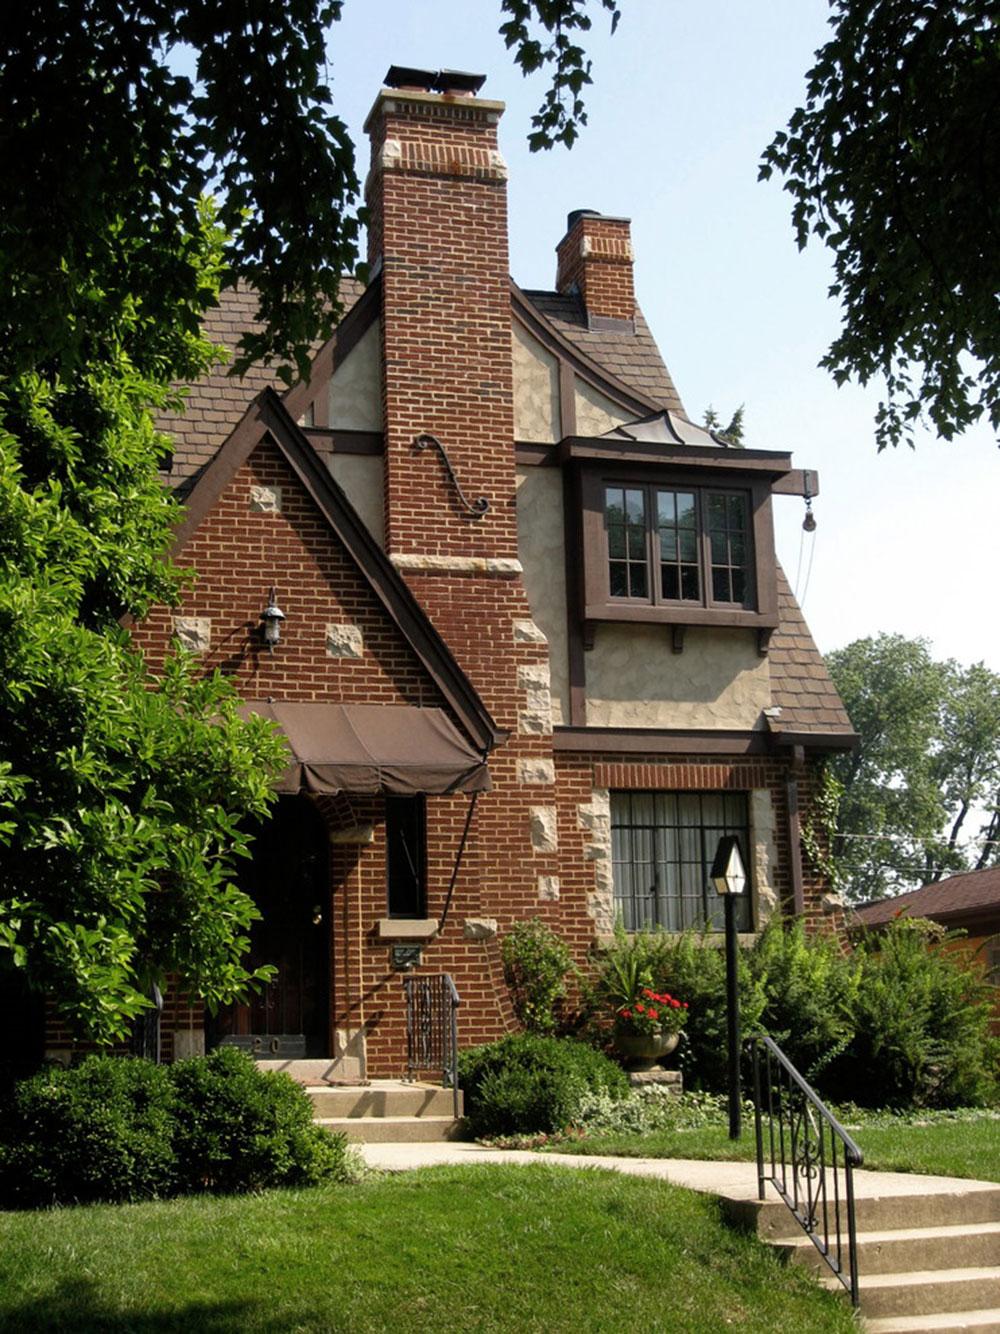 Tudor-Style-Home-The-Symbol-of-England7 Tudor-Style-Home - The symbol of England